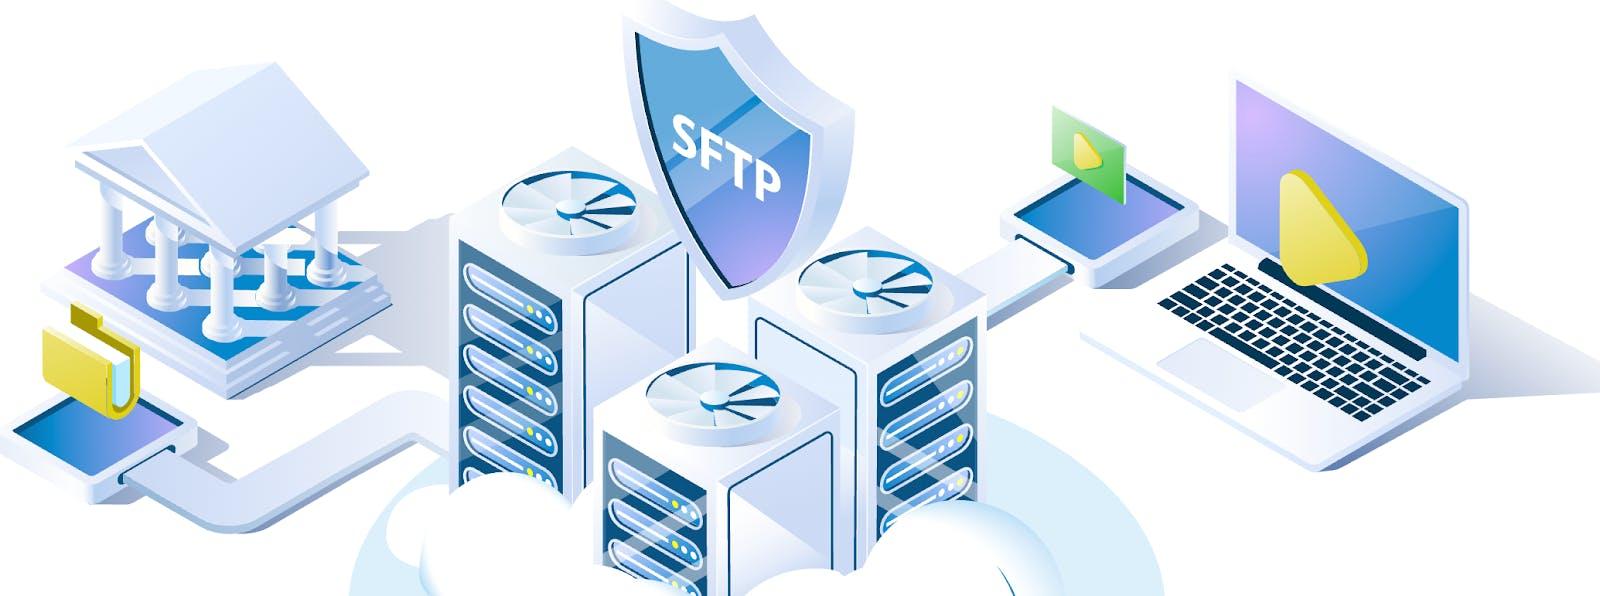 Interfacing with servers via SFTP hosting.